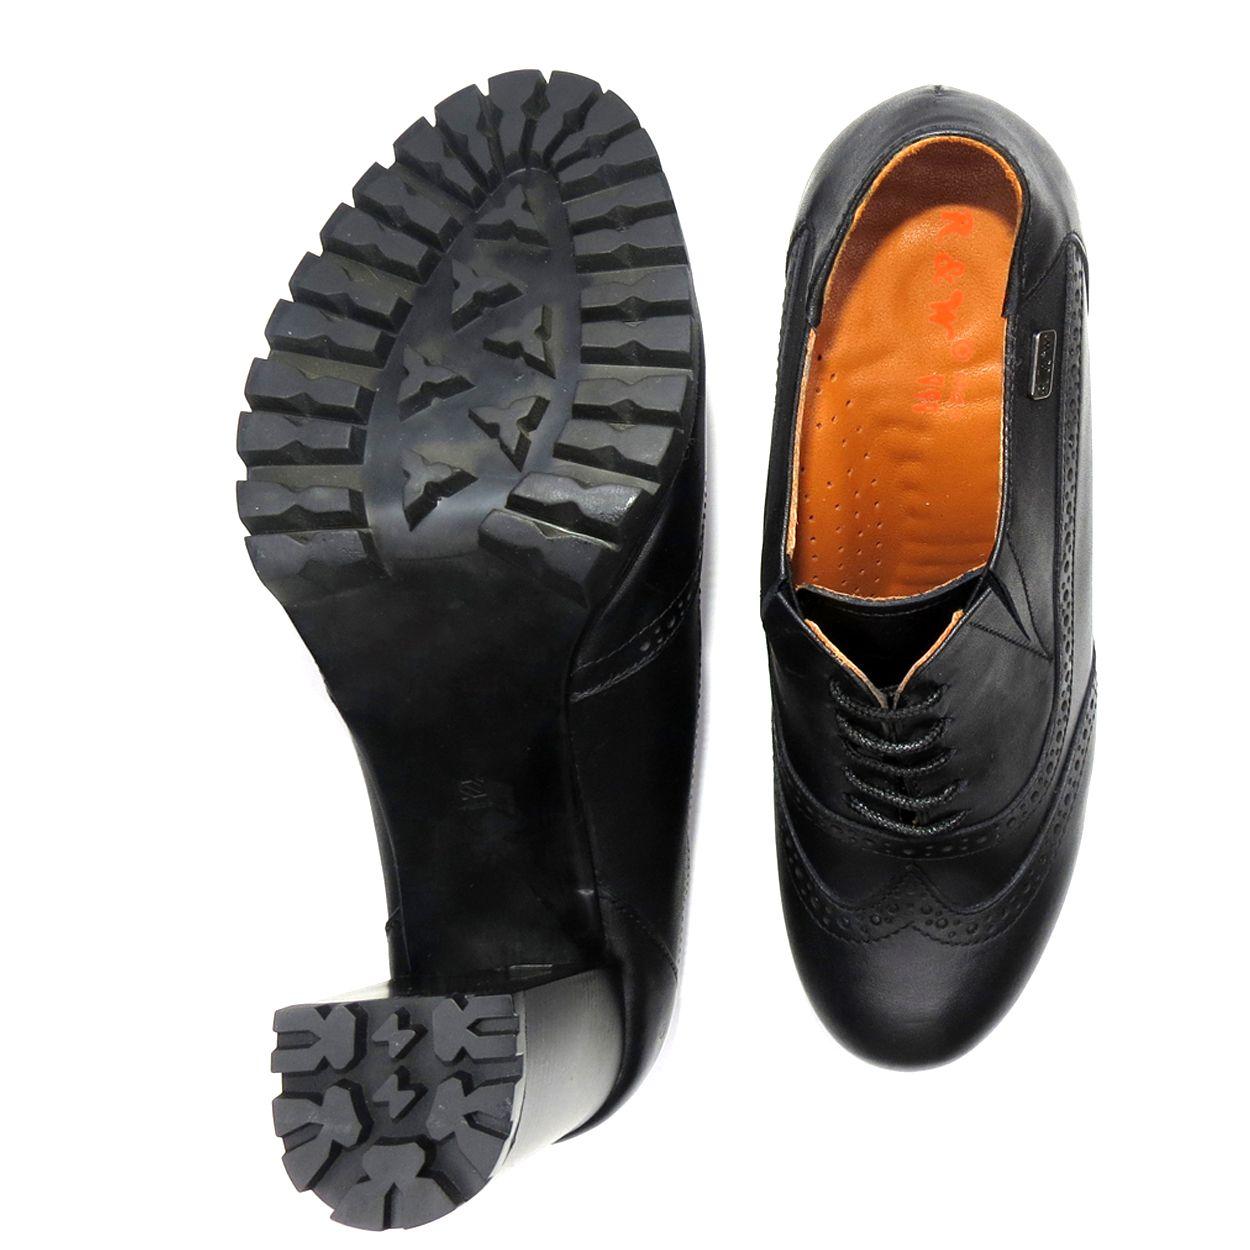 کفش زنانه آر اند دبلیو مدل 603 رنگ مشکی -  - 6